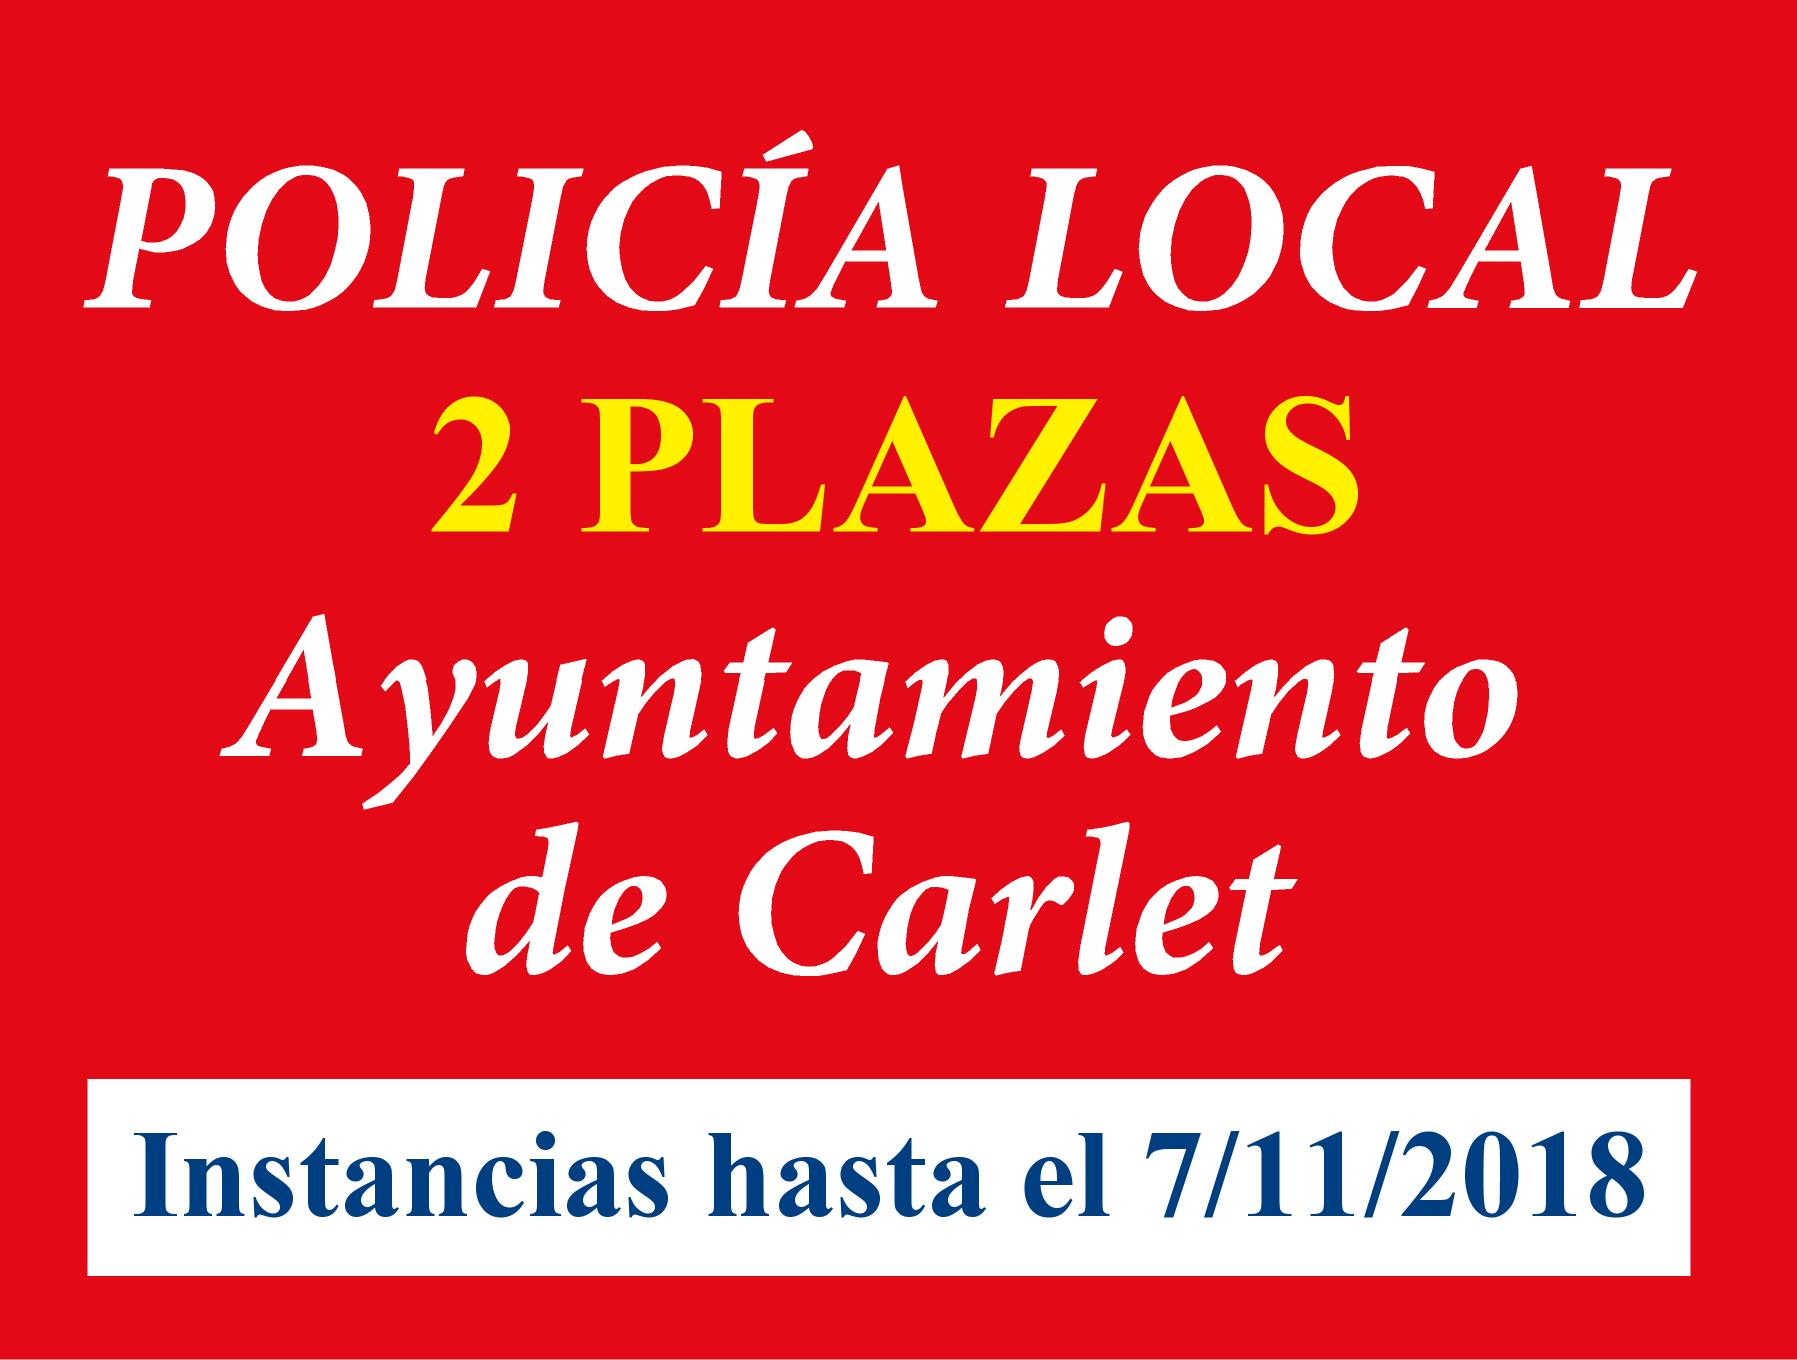 Convocatoria Policía Local Carlet